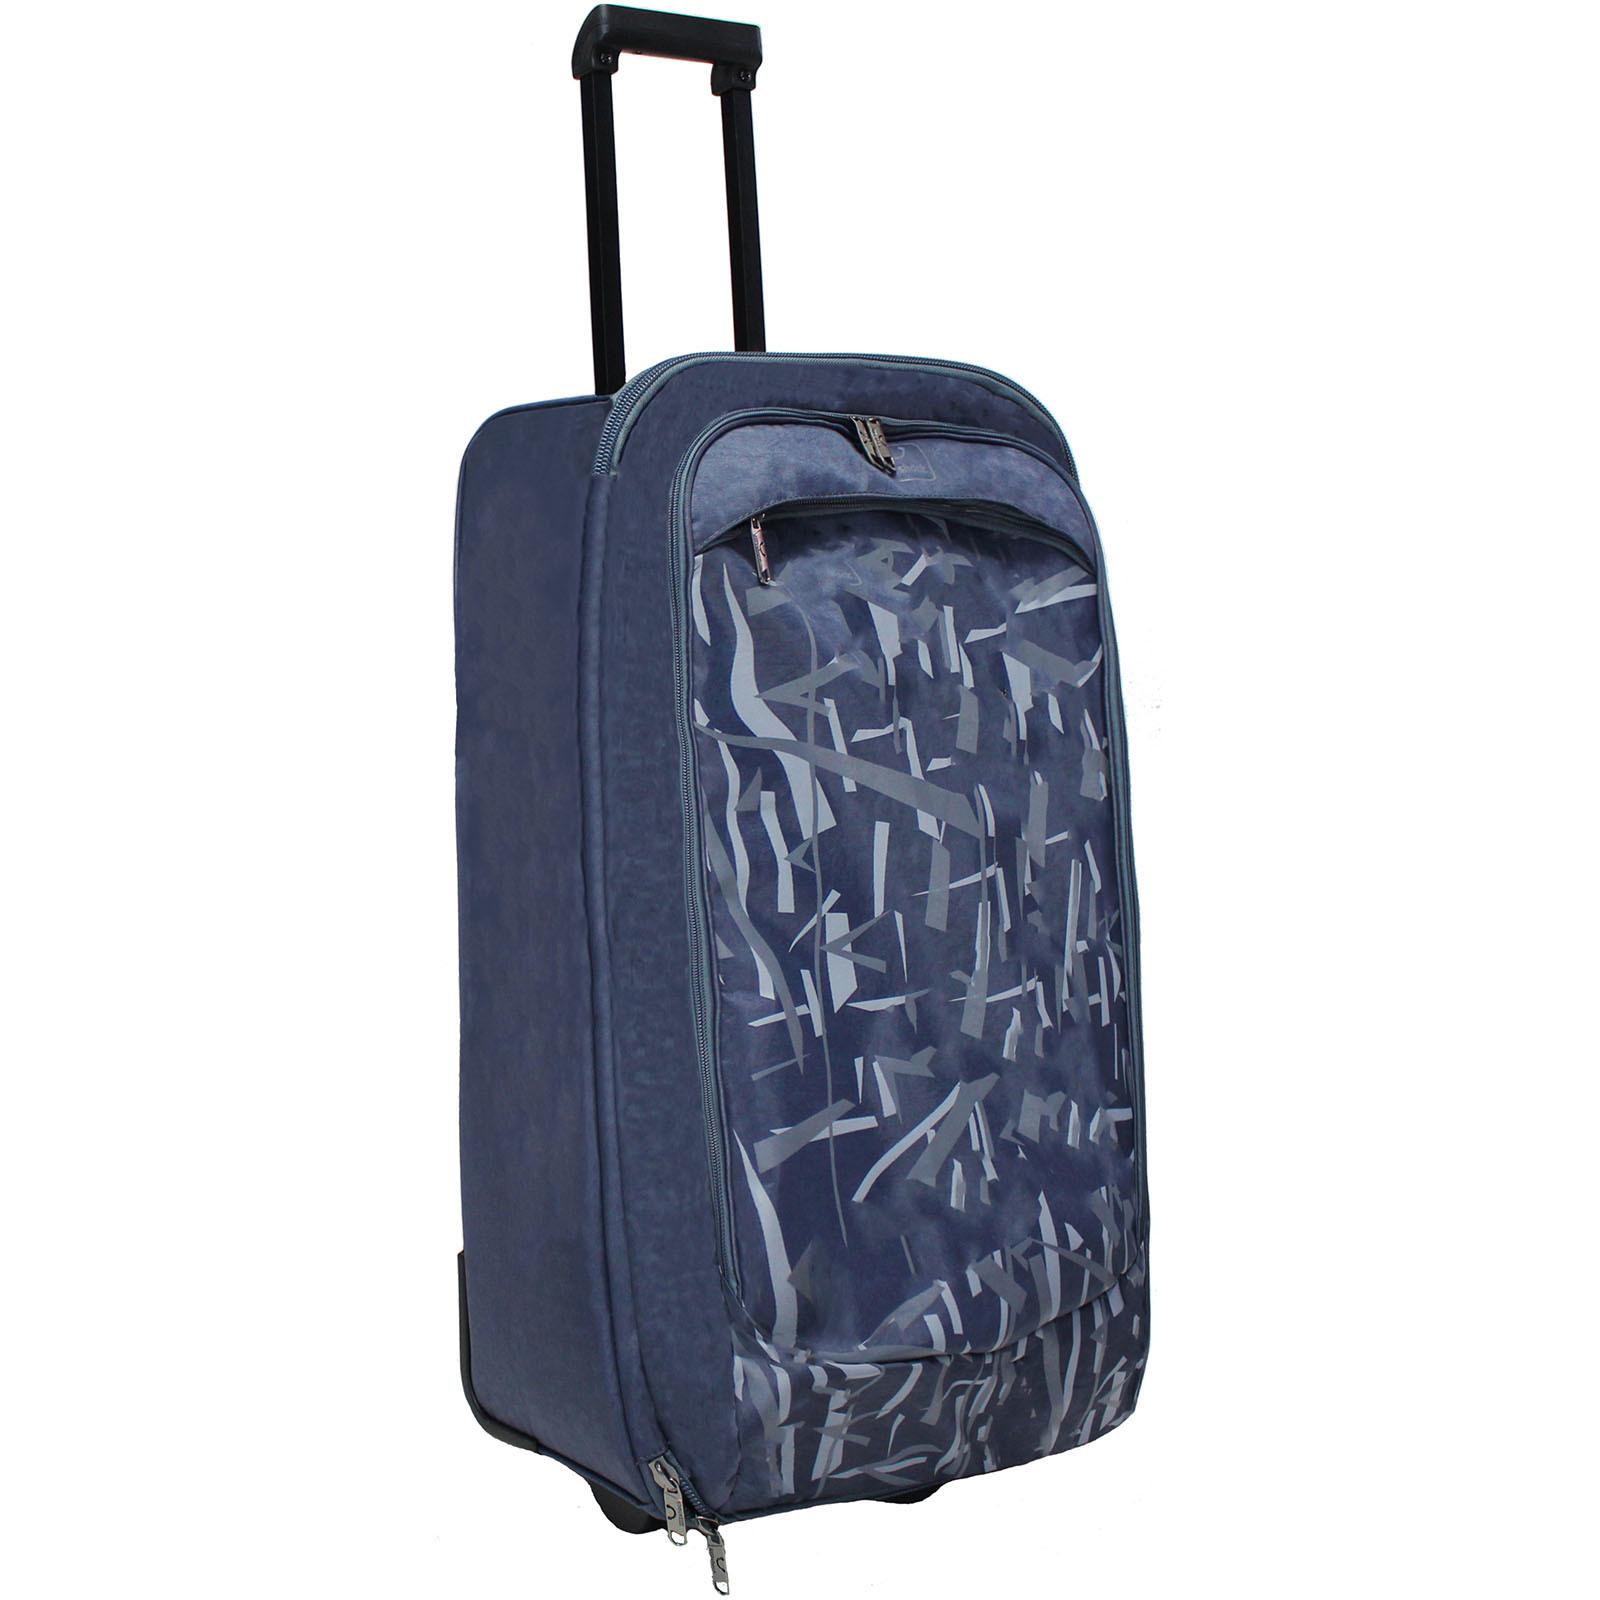 Дорожные чемоданы Сумка дорожная Bagland Барселона 86 л. Темно серый (0039470) IMG_0775.JPG